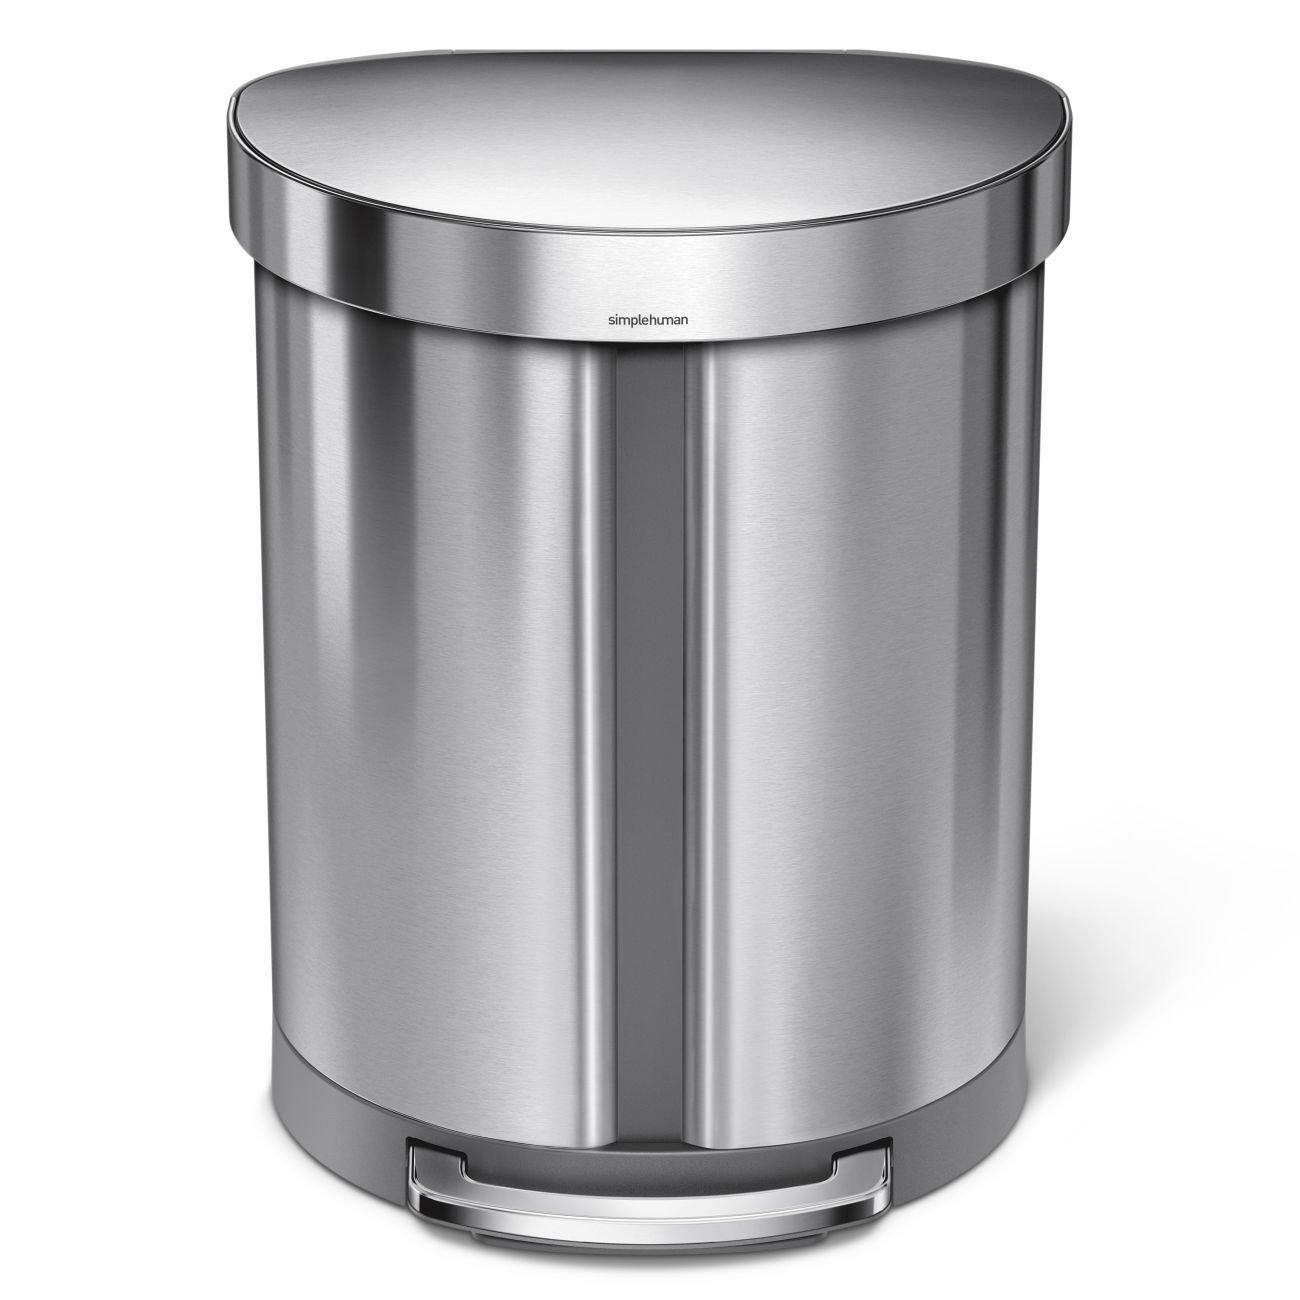 Full Size of Abfall Recycling Llwwy Slim Treteimer Touch Top Bin Mlleimer Einbau Mülleimer Küche Alno Rolladenschrank Vorhang Beistelltisch Obi Einbauküche Küche Treteimer Küche